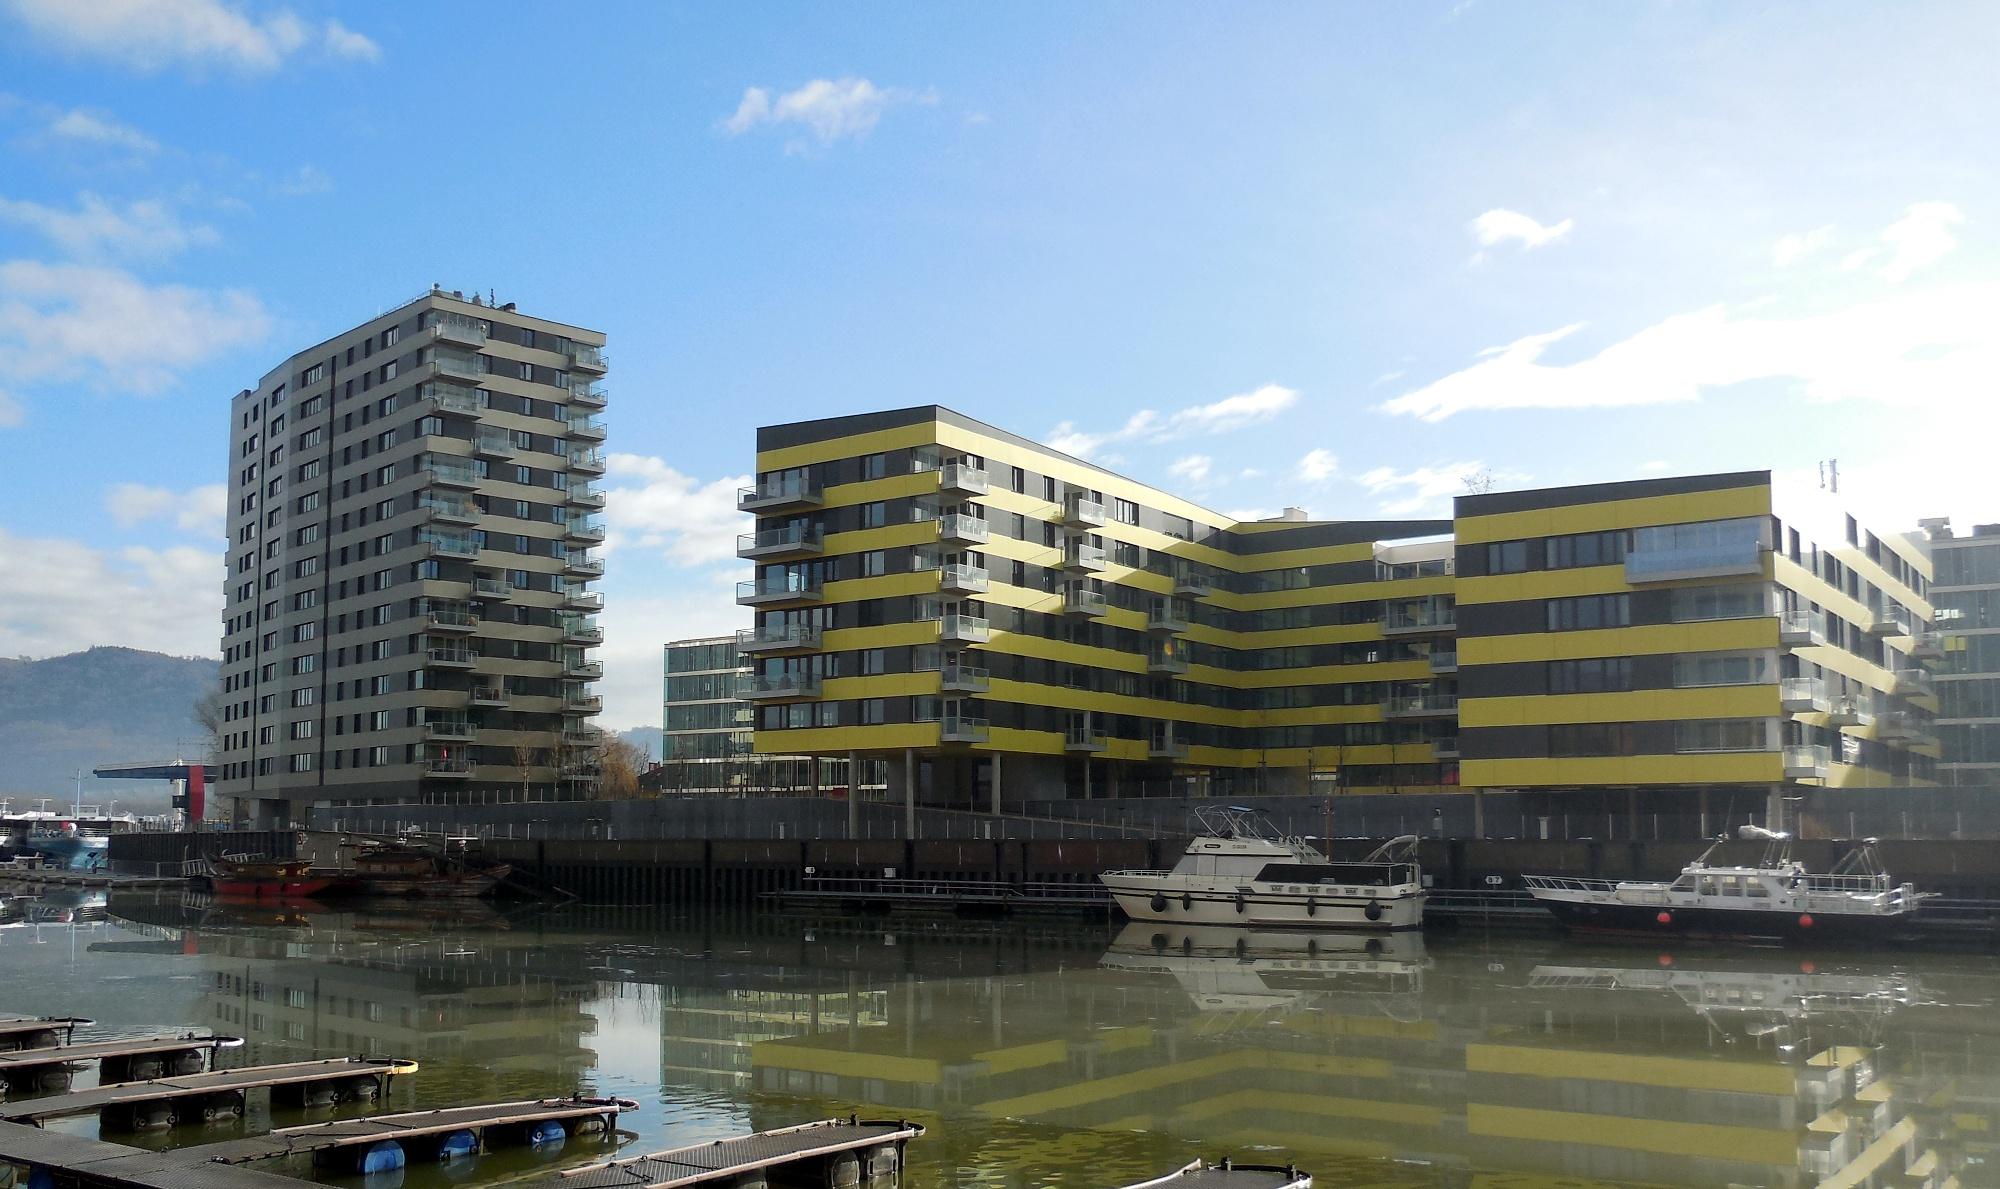 Suche Hotels In Der Nahe Vom Bahnhof In Duisburg